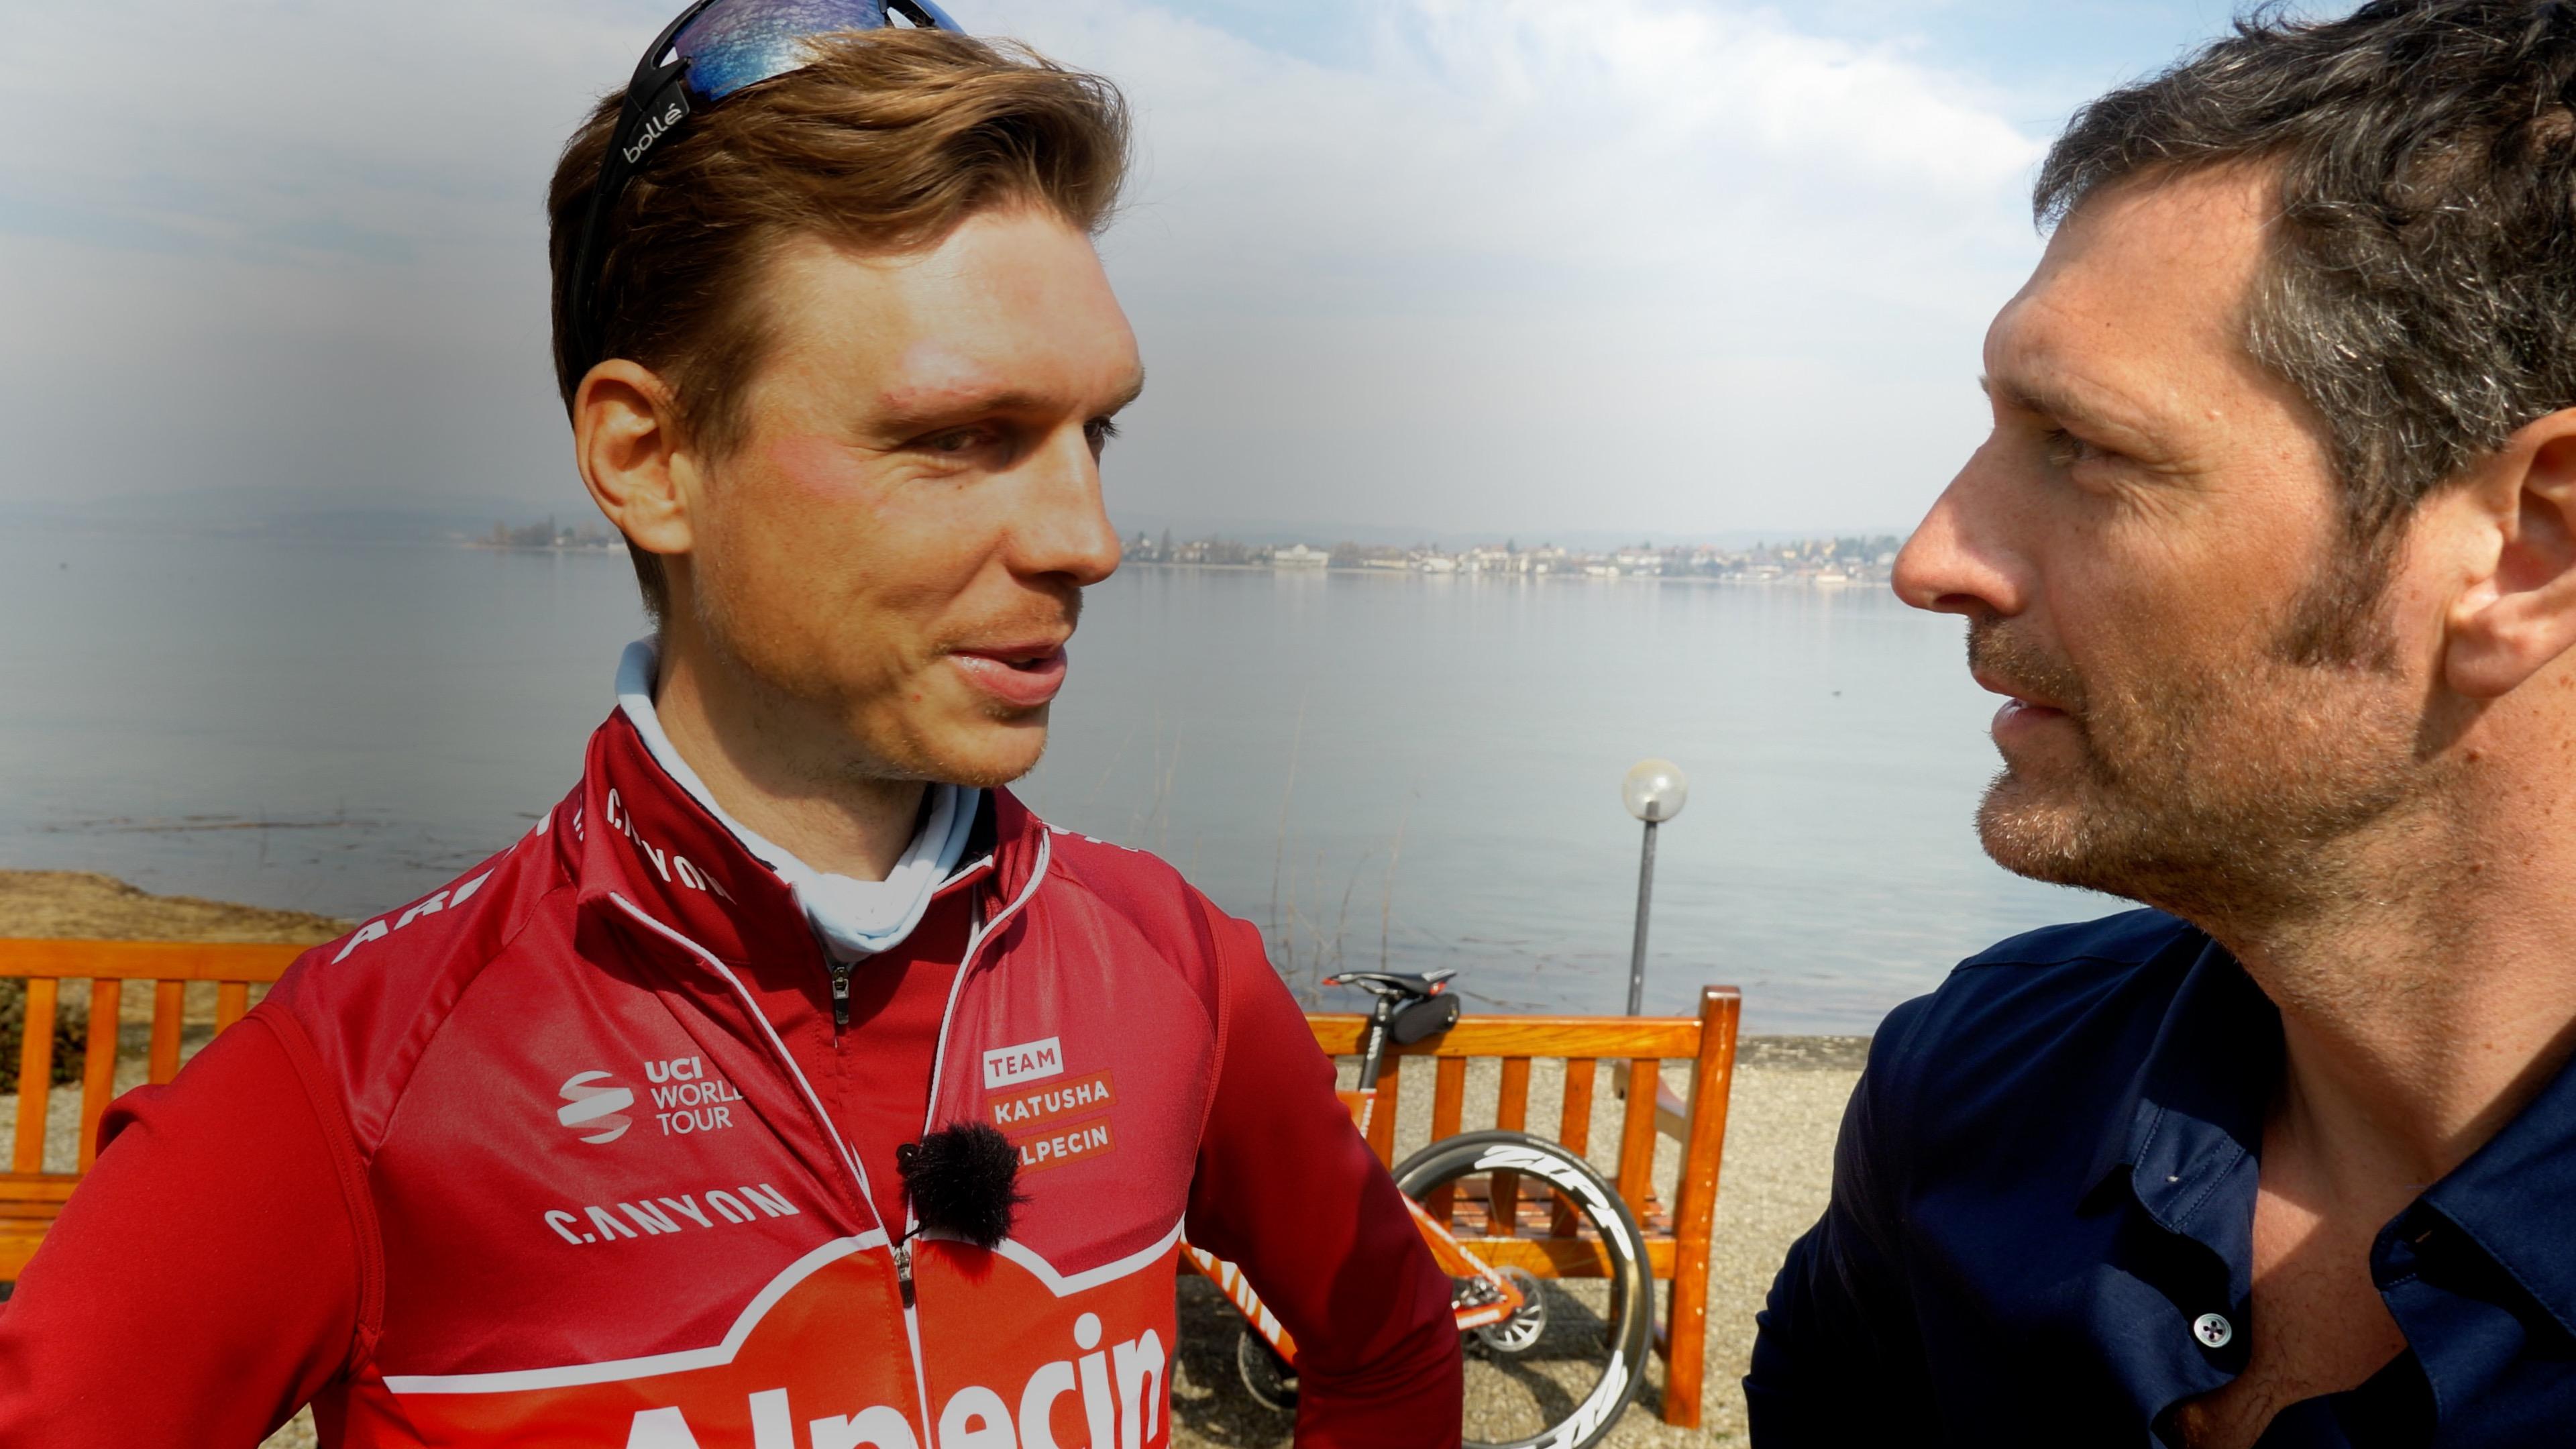 Tony Martin - Wie sauber ist der Radsport?